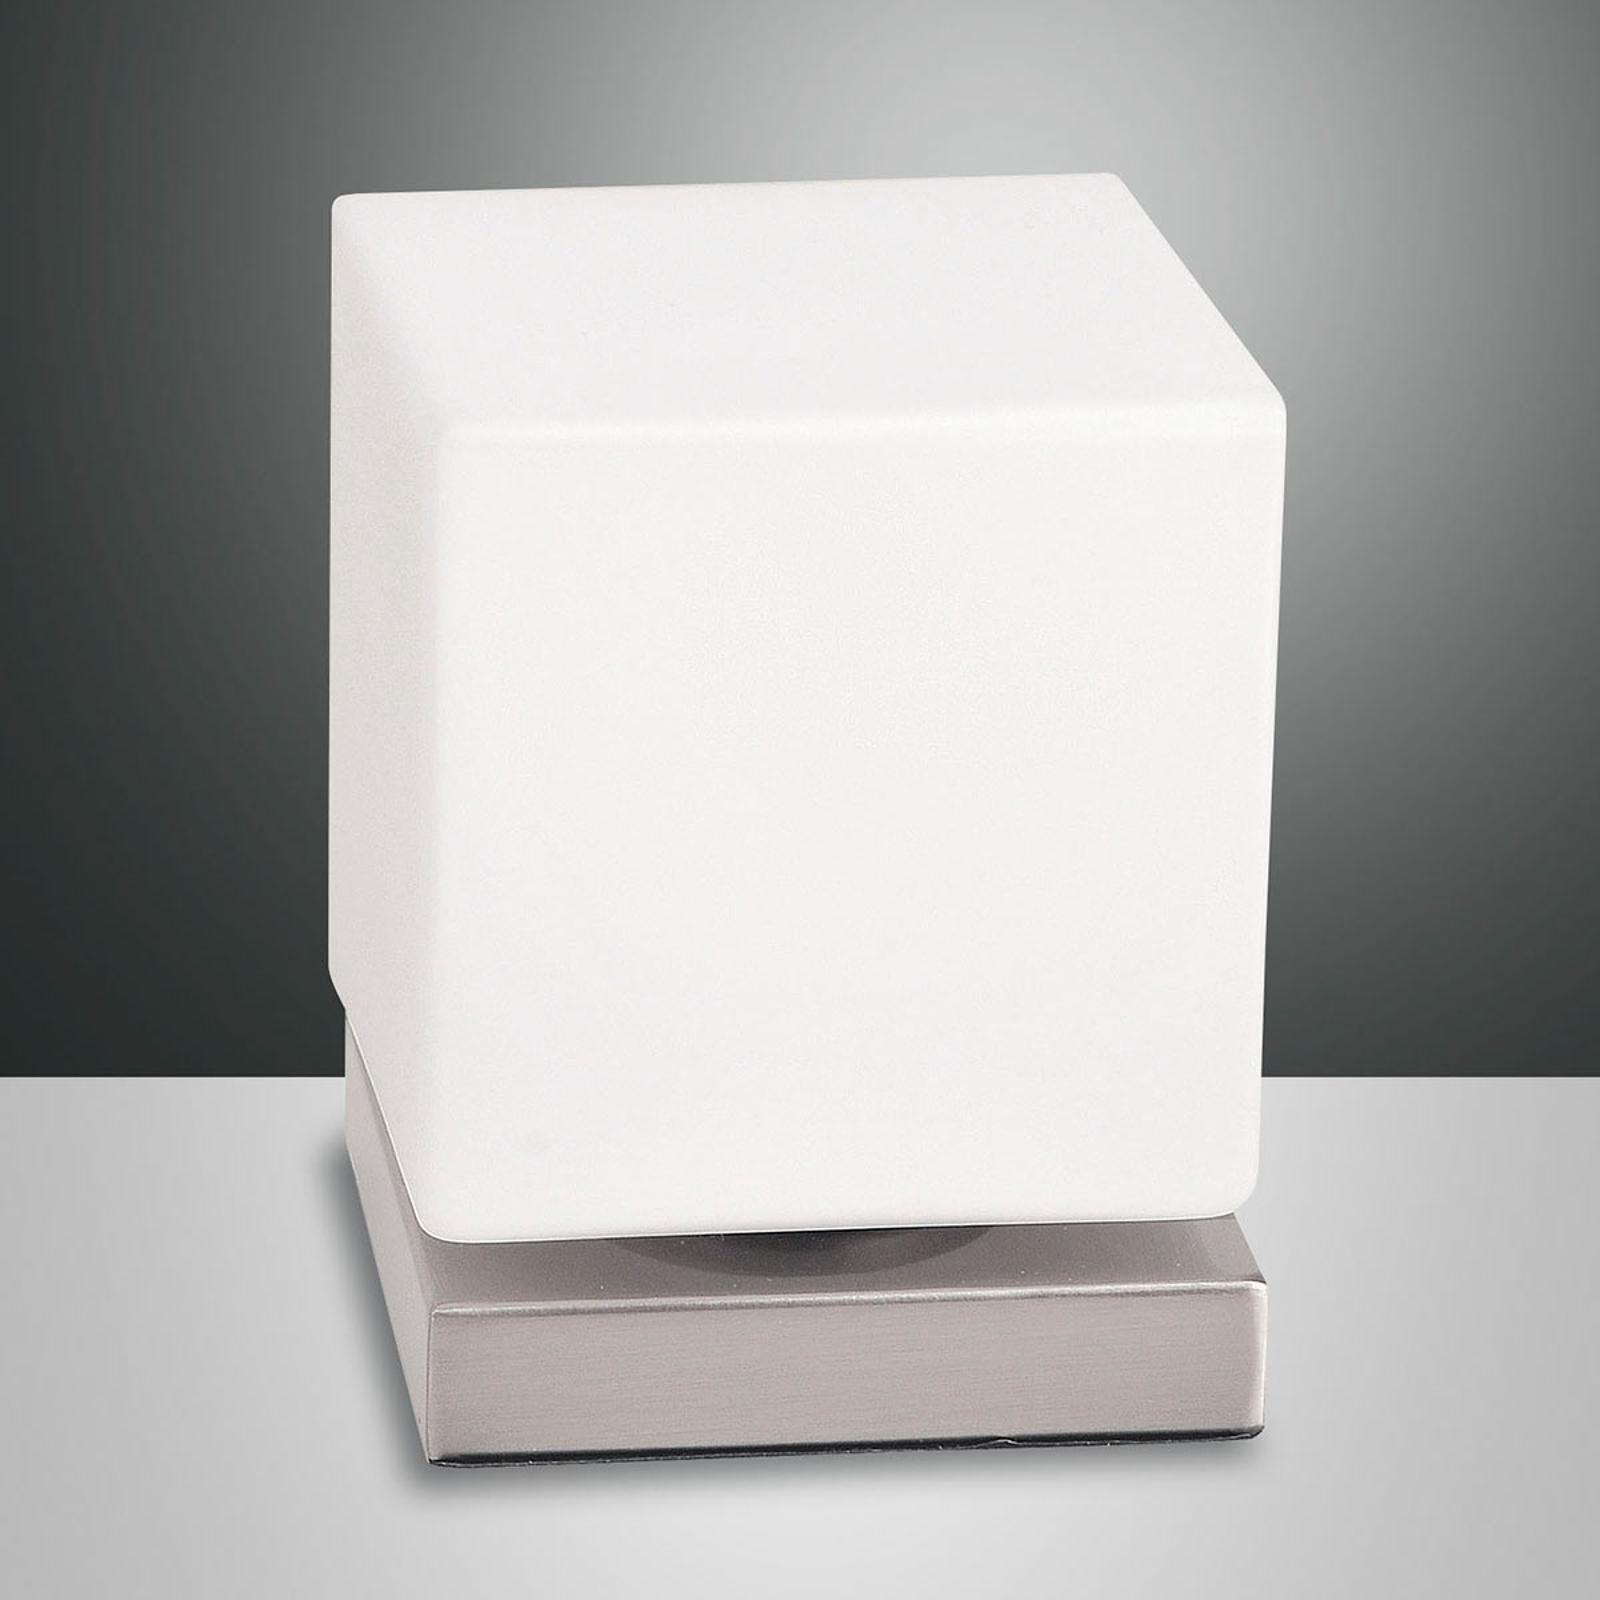 Mit Touchdimmer - LED-Tischleuchte Brenta nickel